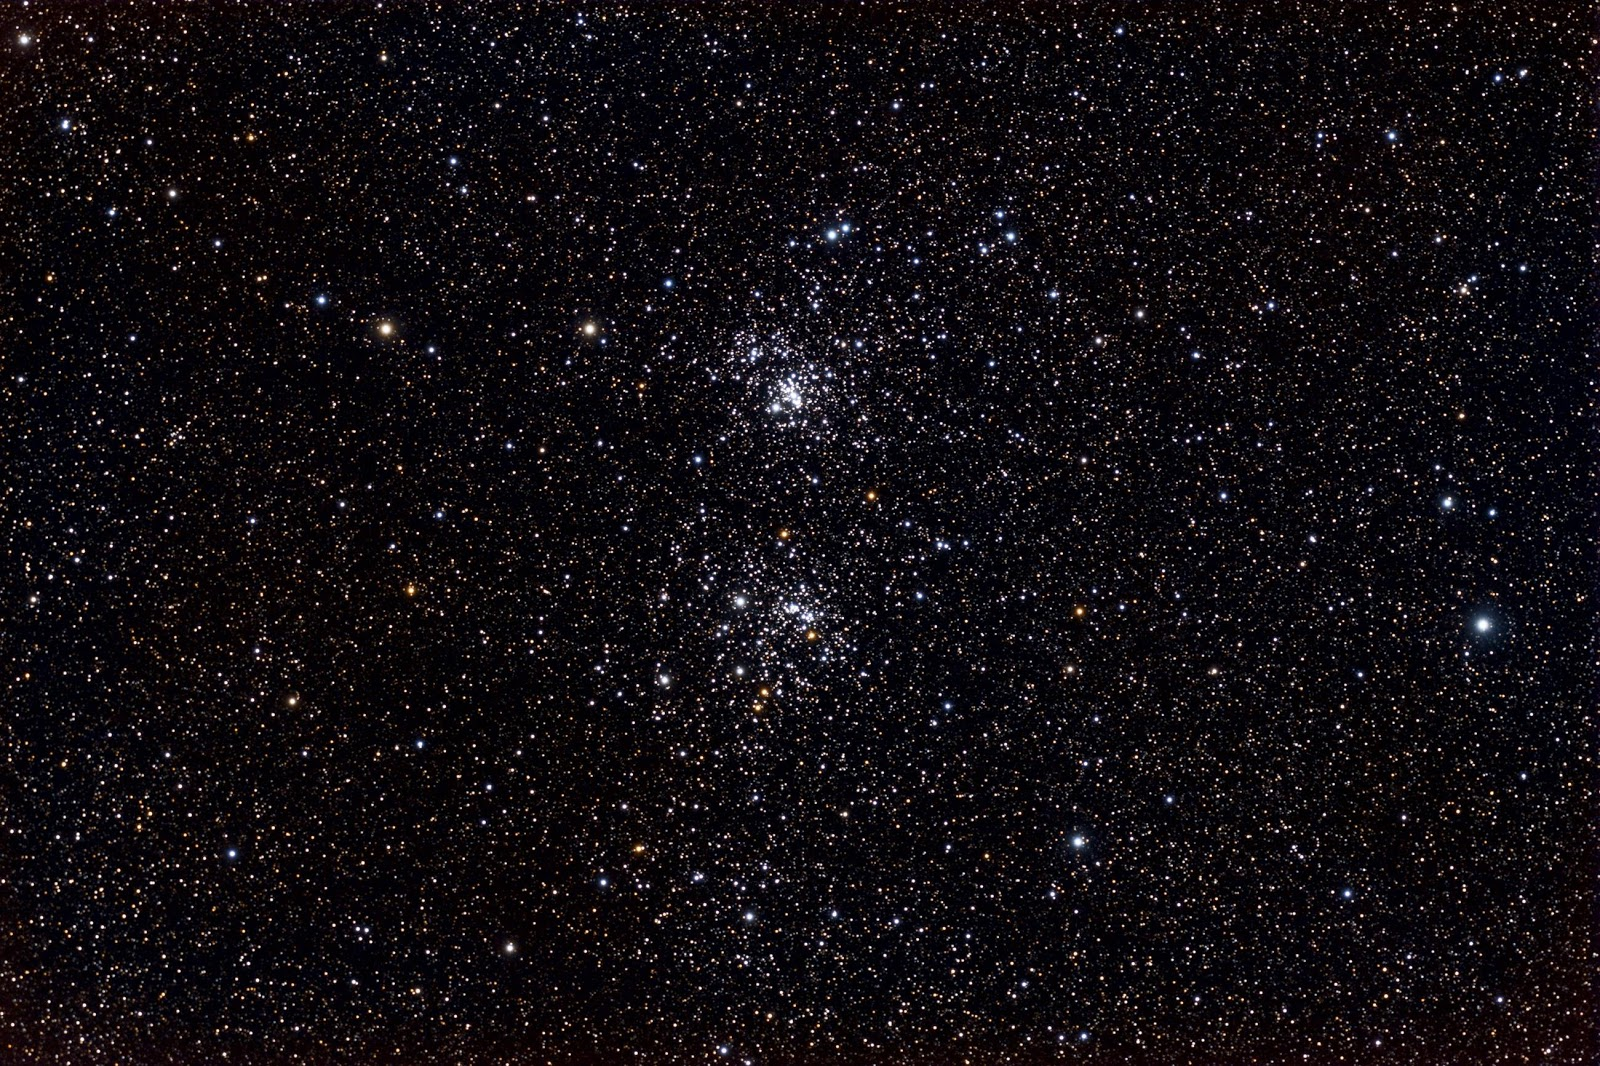 Cụm sao đôi gồm NGC 896 và NGC 884. Tác giả : ItFrightensMe.